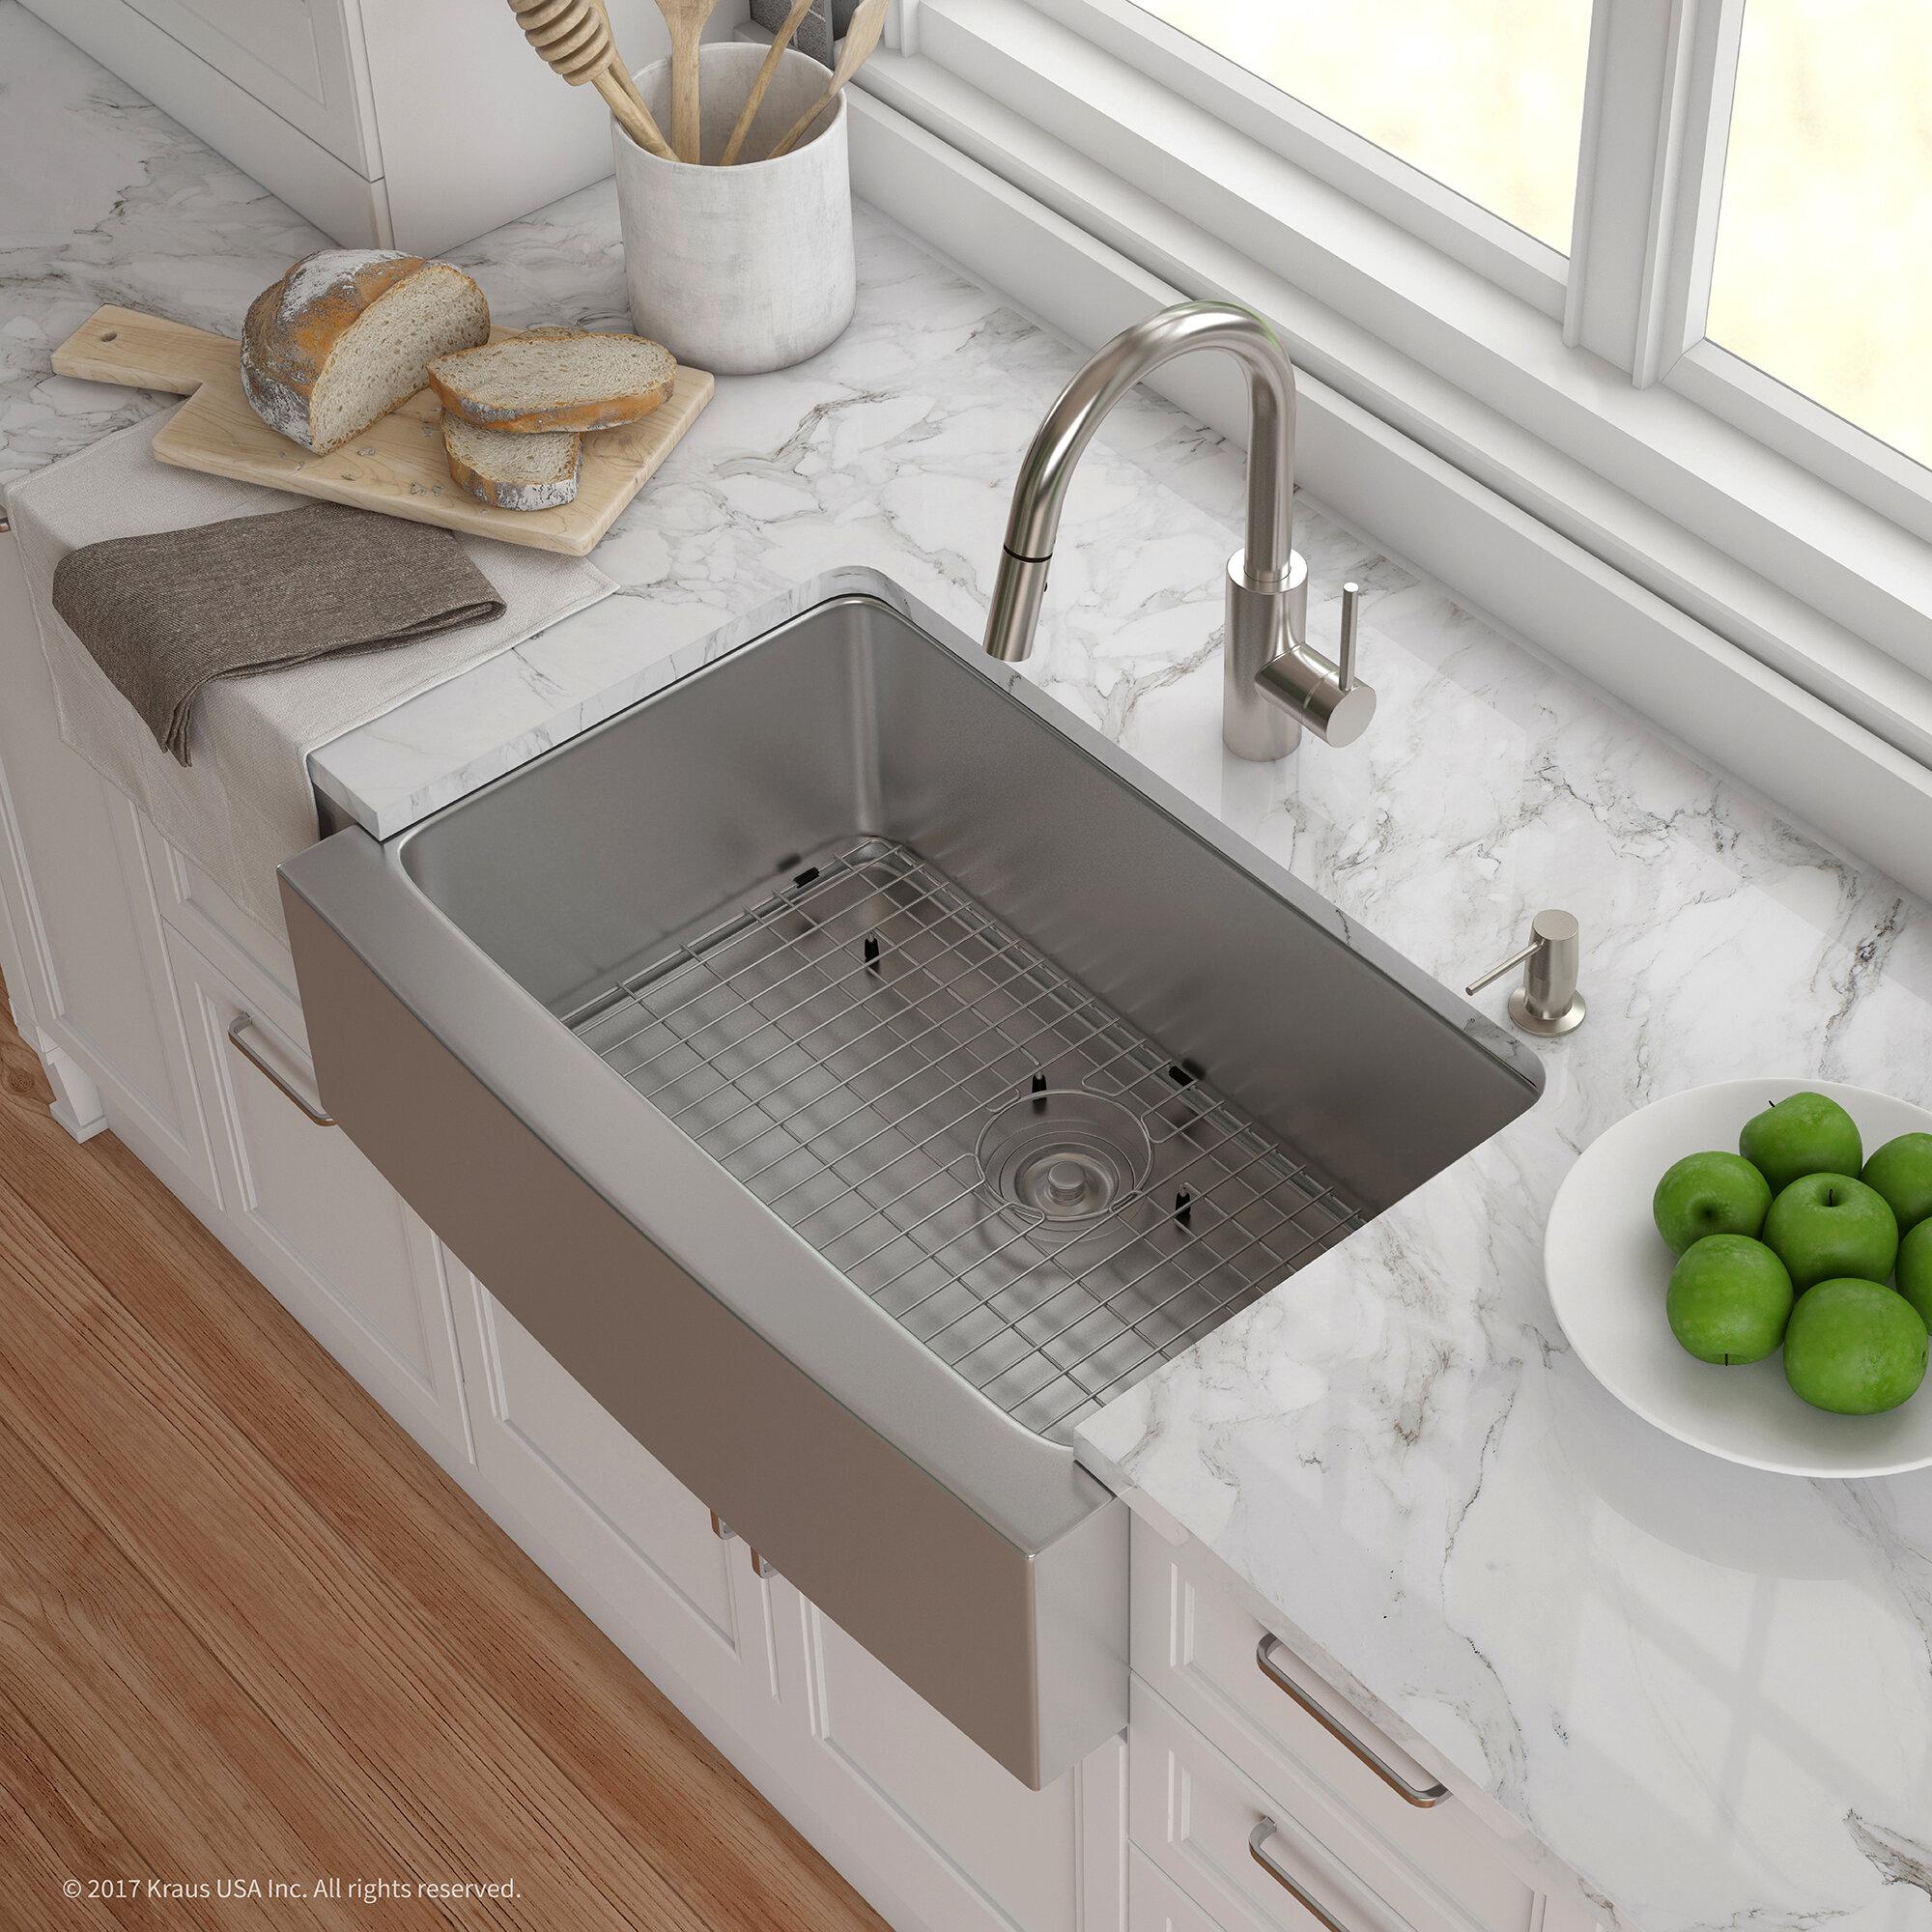 """Kraus Handmade Series 29 75"""" x 20 75"""" Farmhouse Kitchen Sink with"""